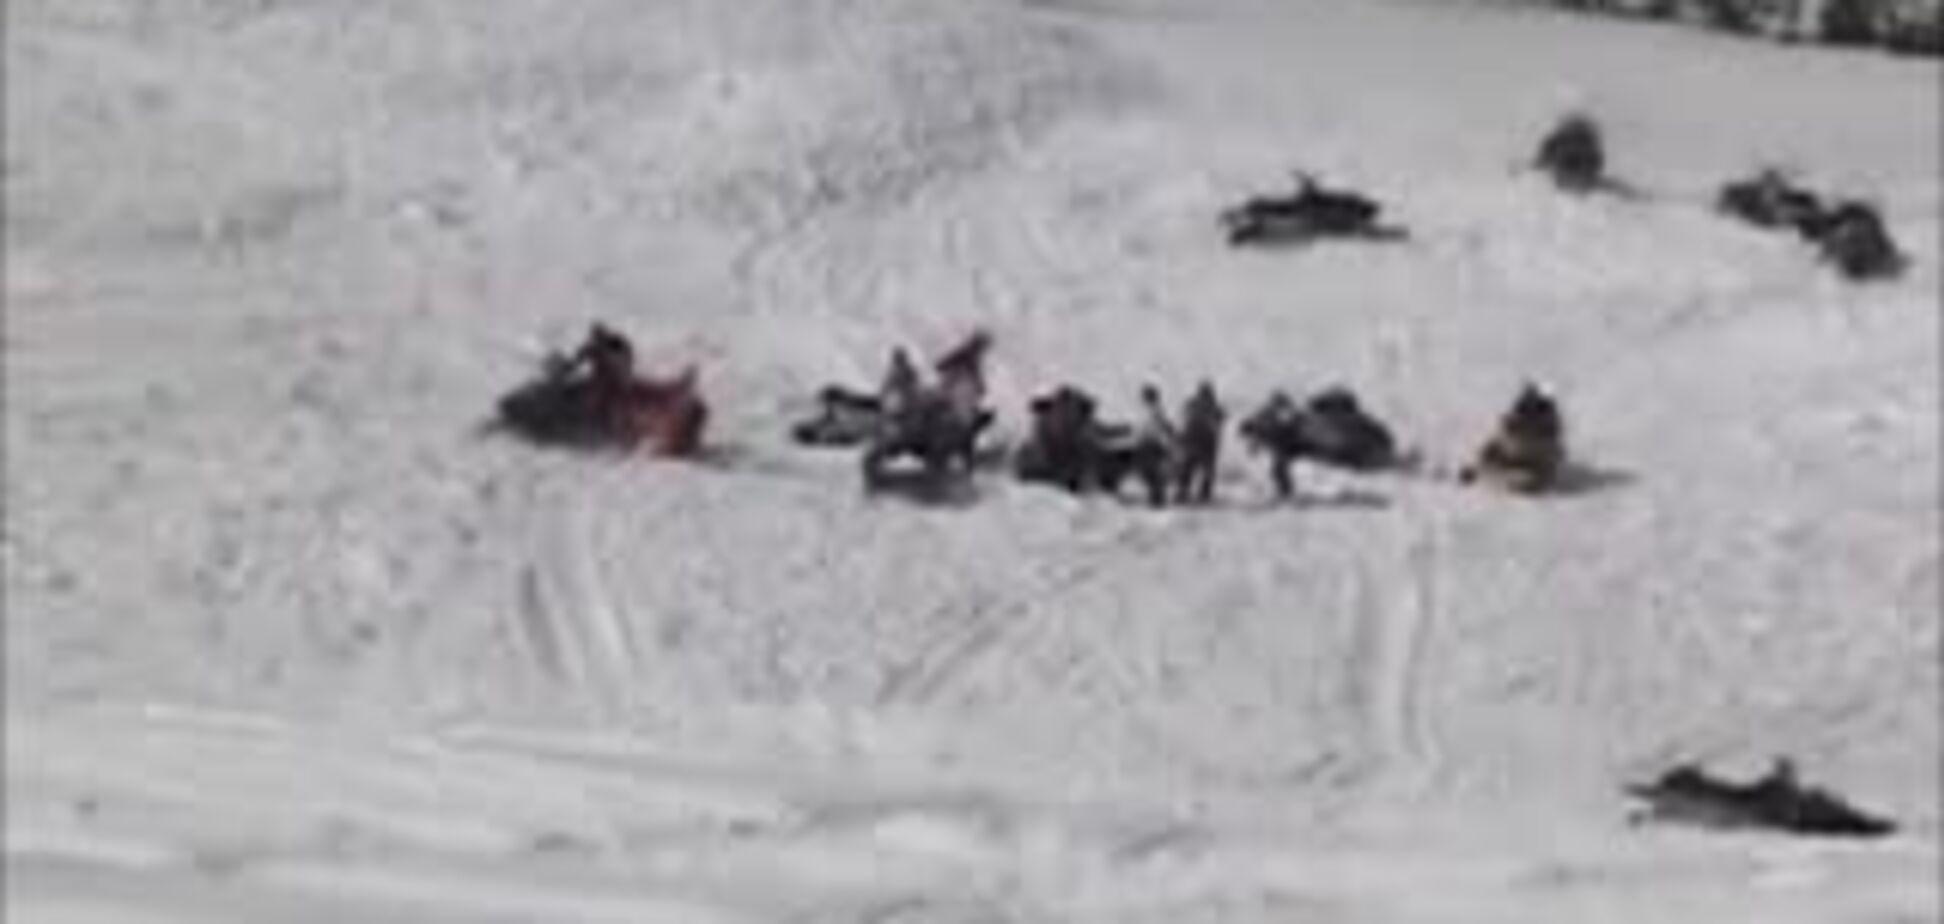 Как снегоход лавину вызвал